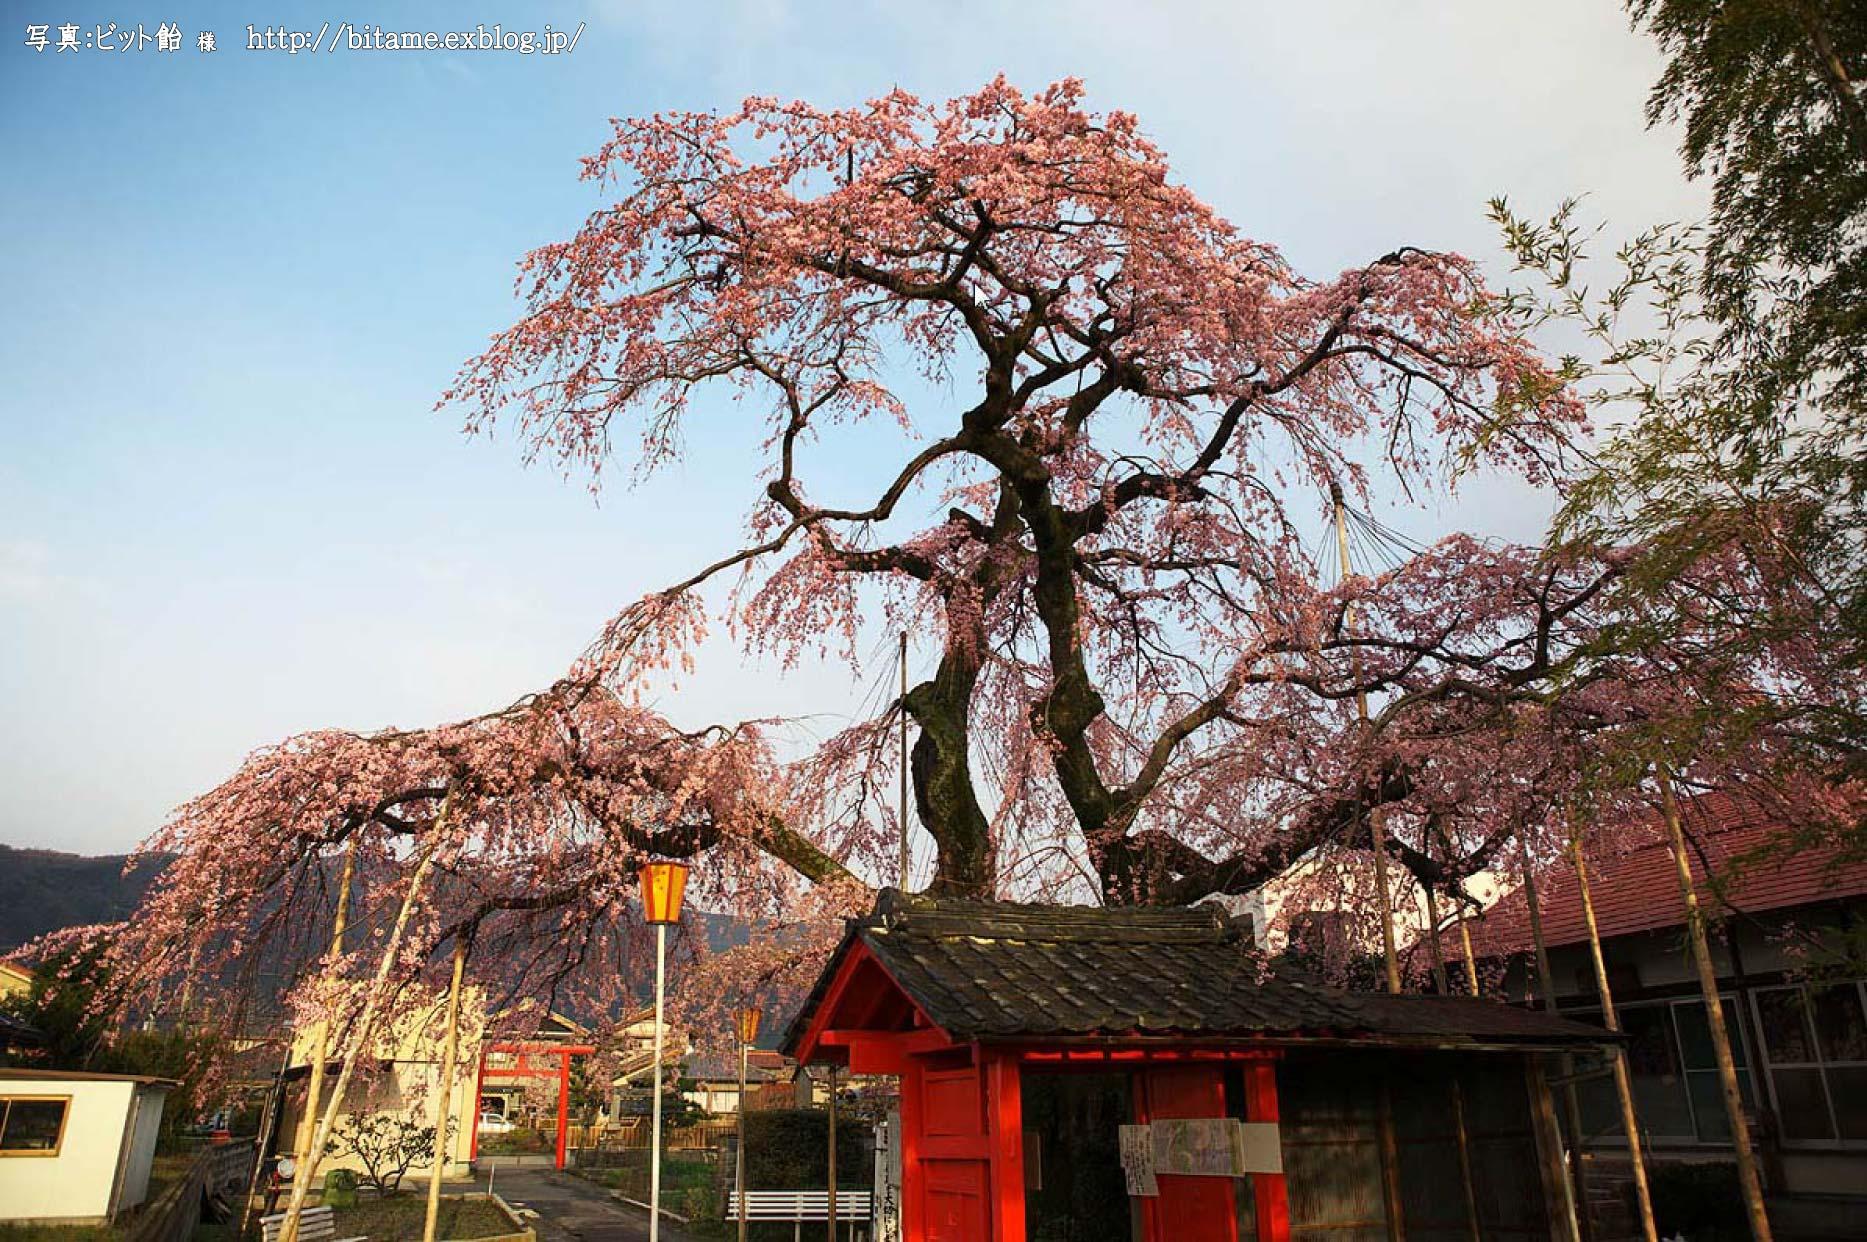 毘沙門院の雲上の桜